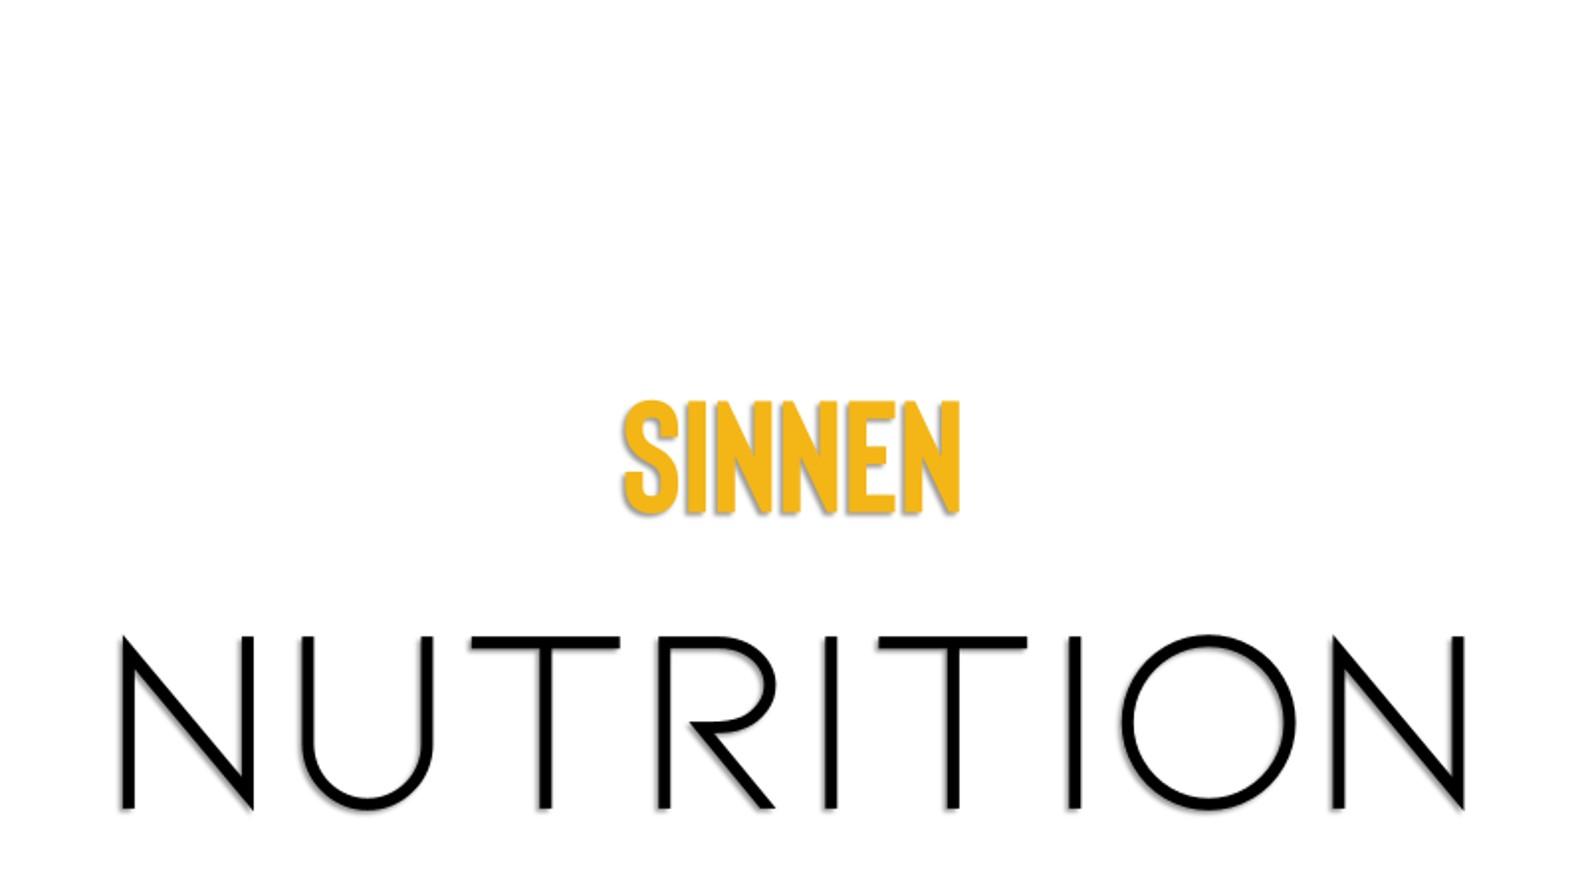 Sinnen och nutrition